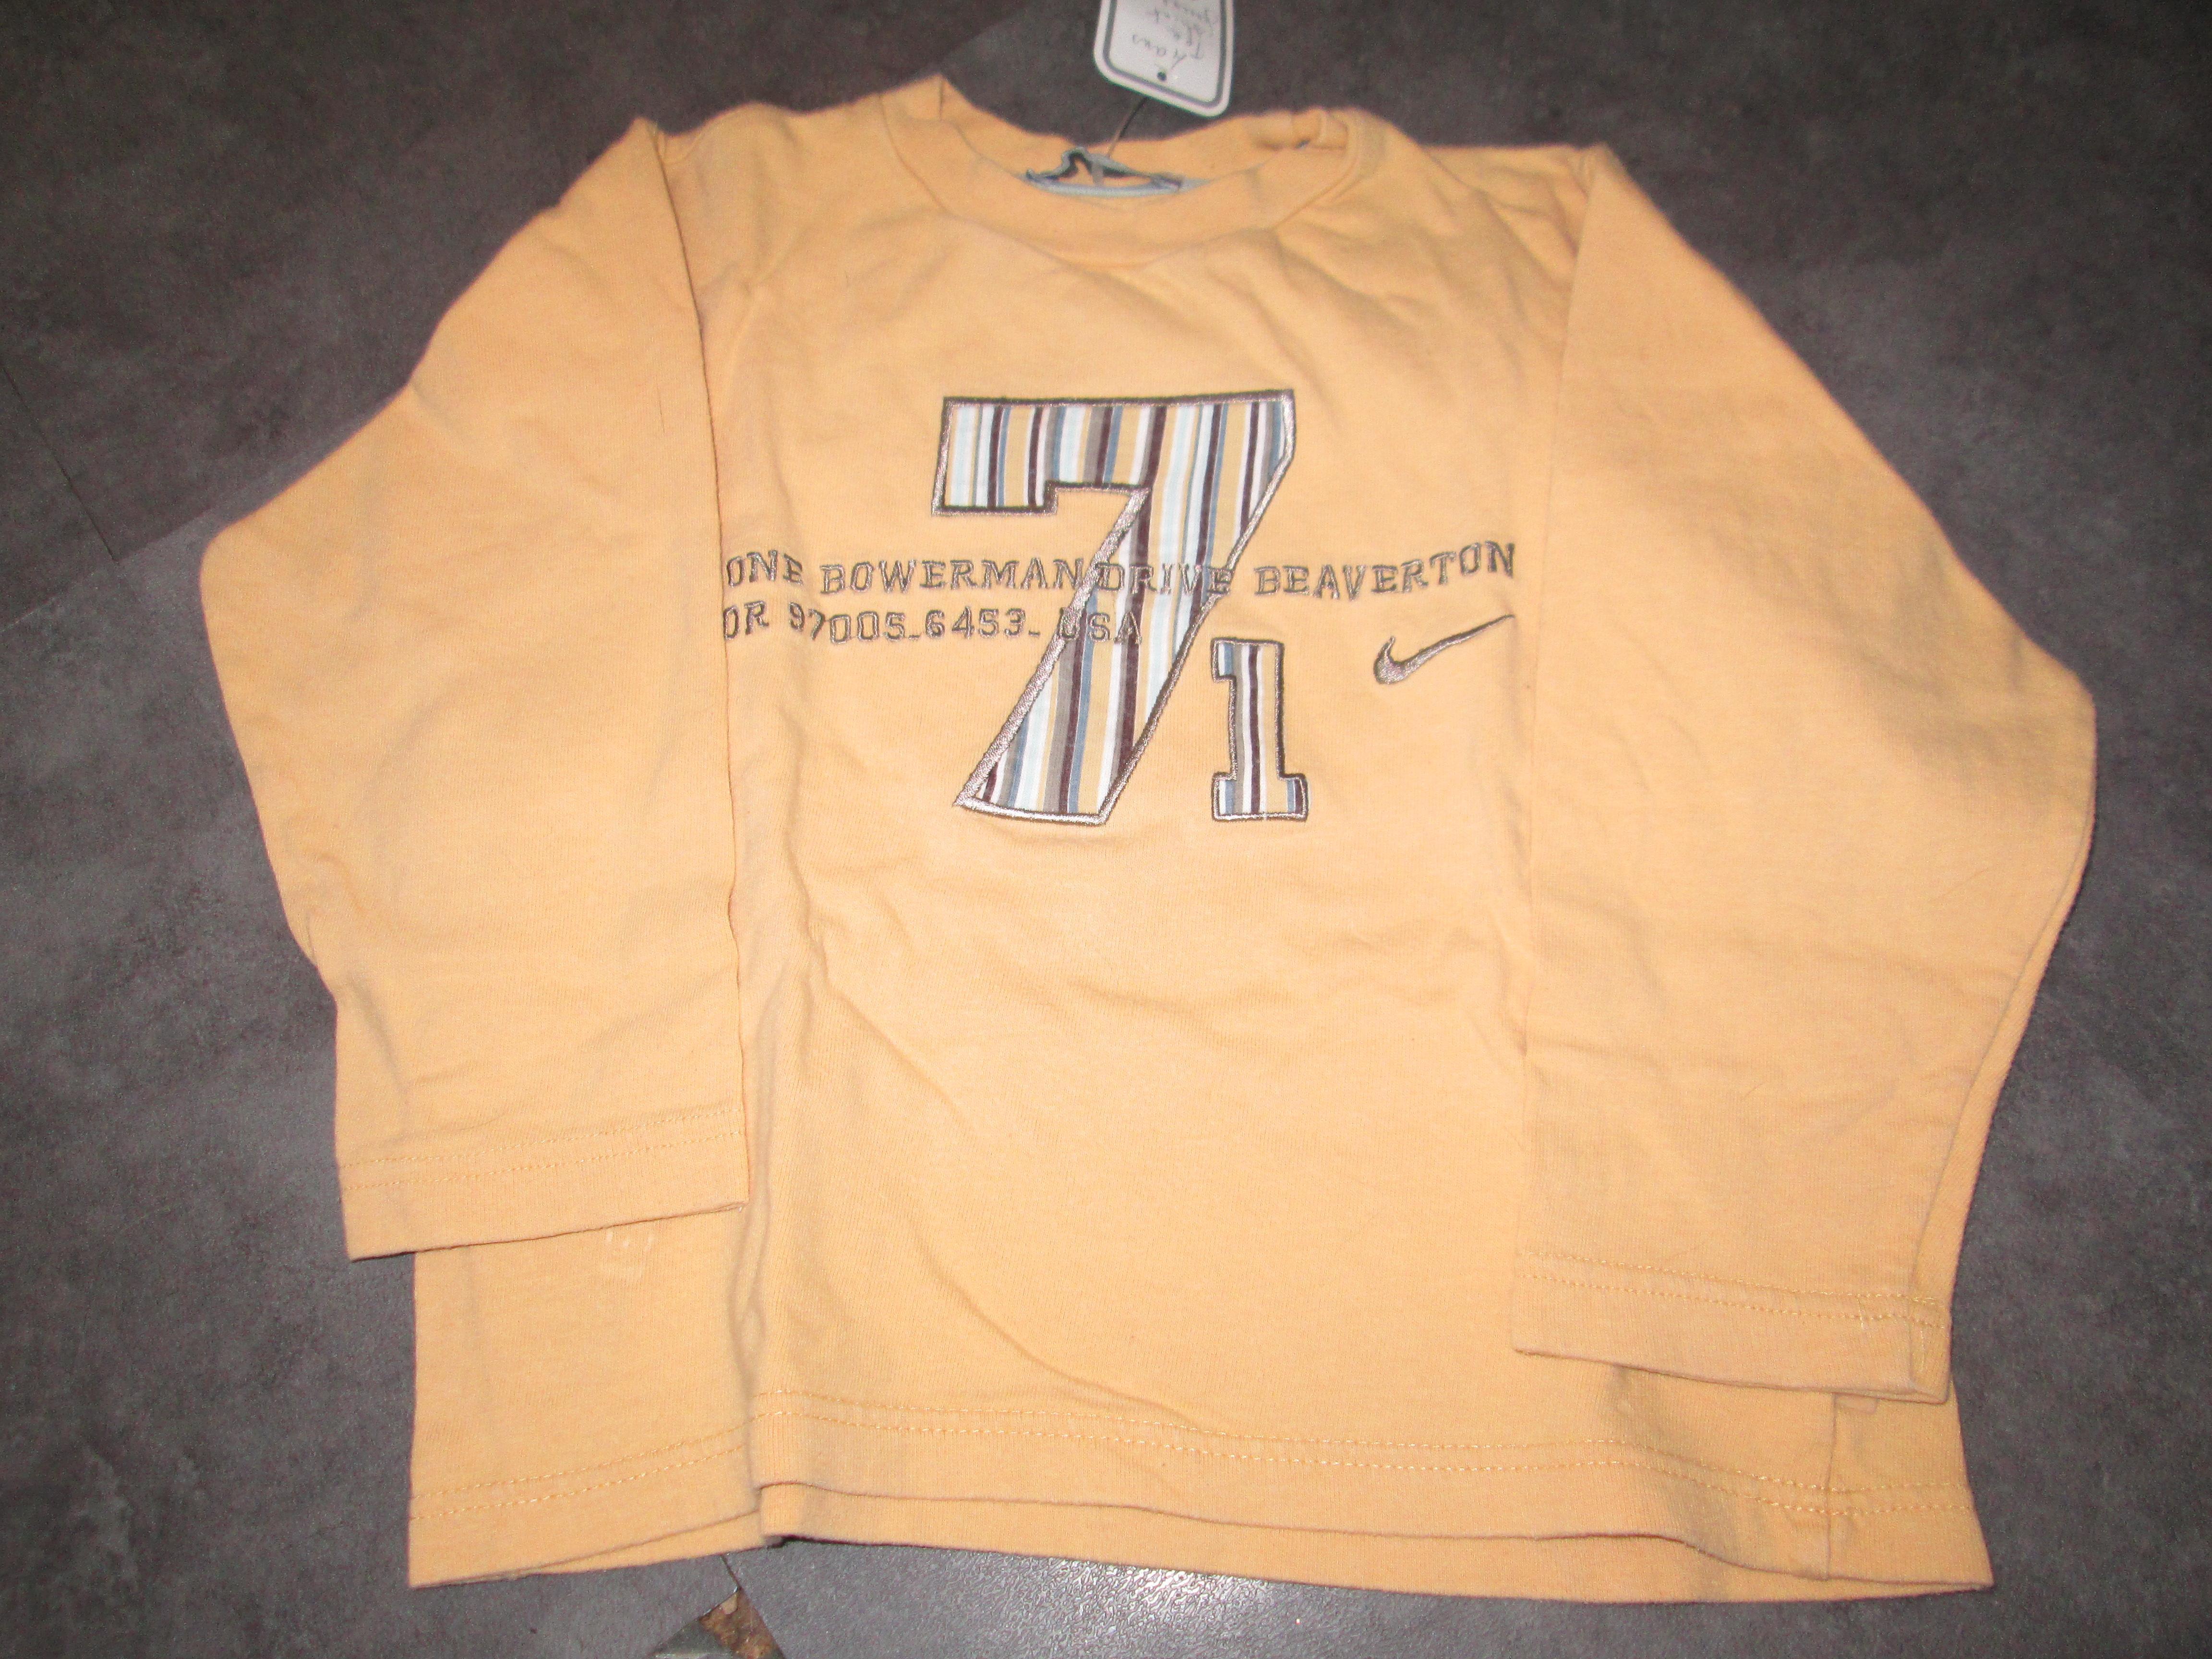 troc de troc tee shirt jaune  4 ans 2 noisettes image 0